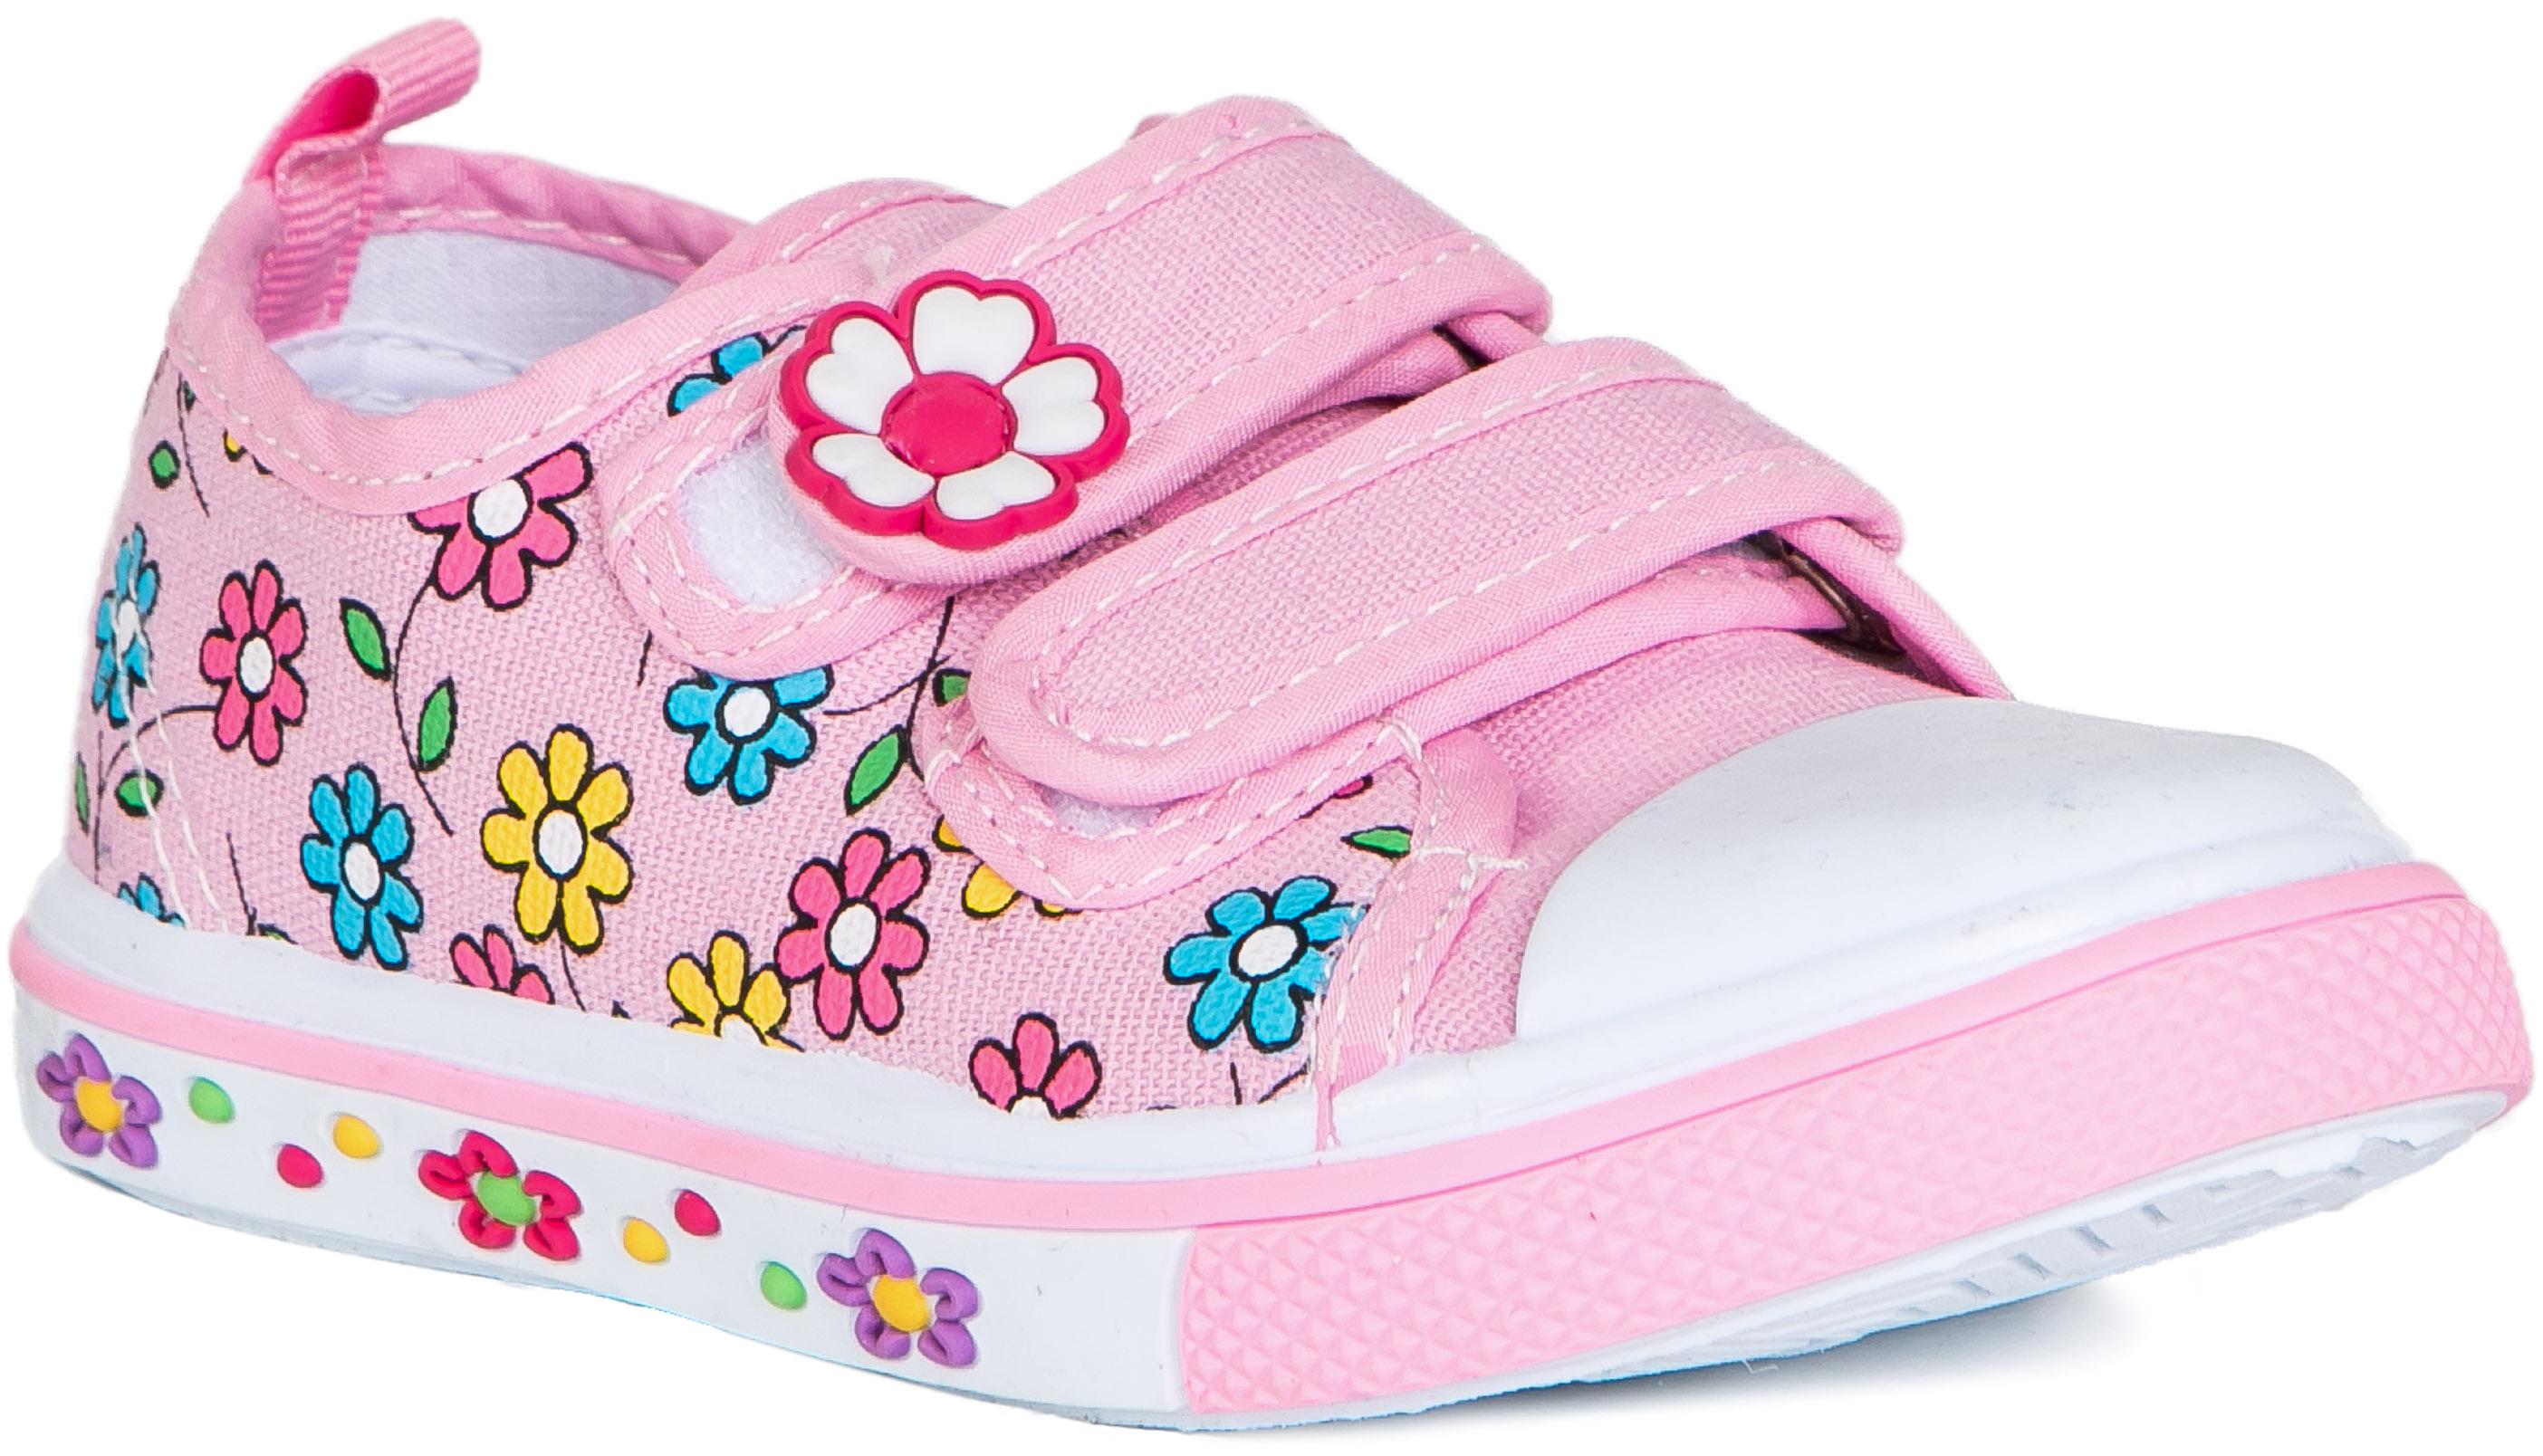 Кроссовки и кеды Barkito Полуботинки типа кроссовых для девочки Barkito, розовый полуботинки типа кроссовых для девочки barkito розовый